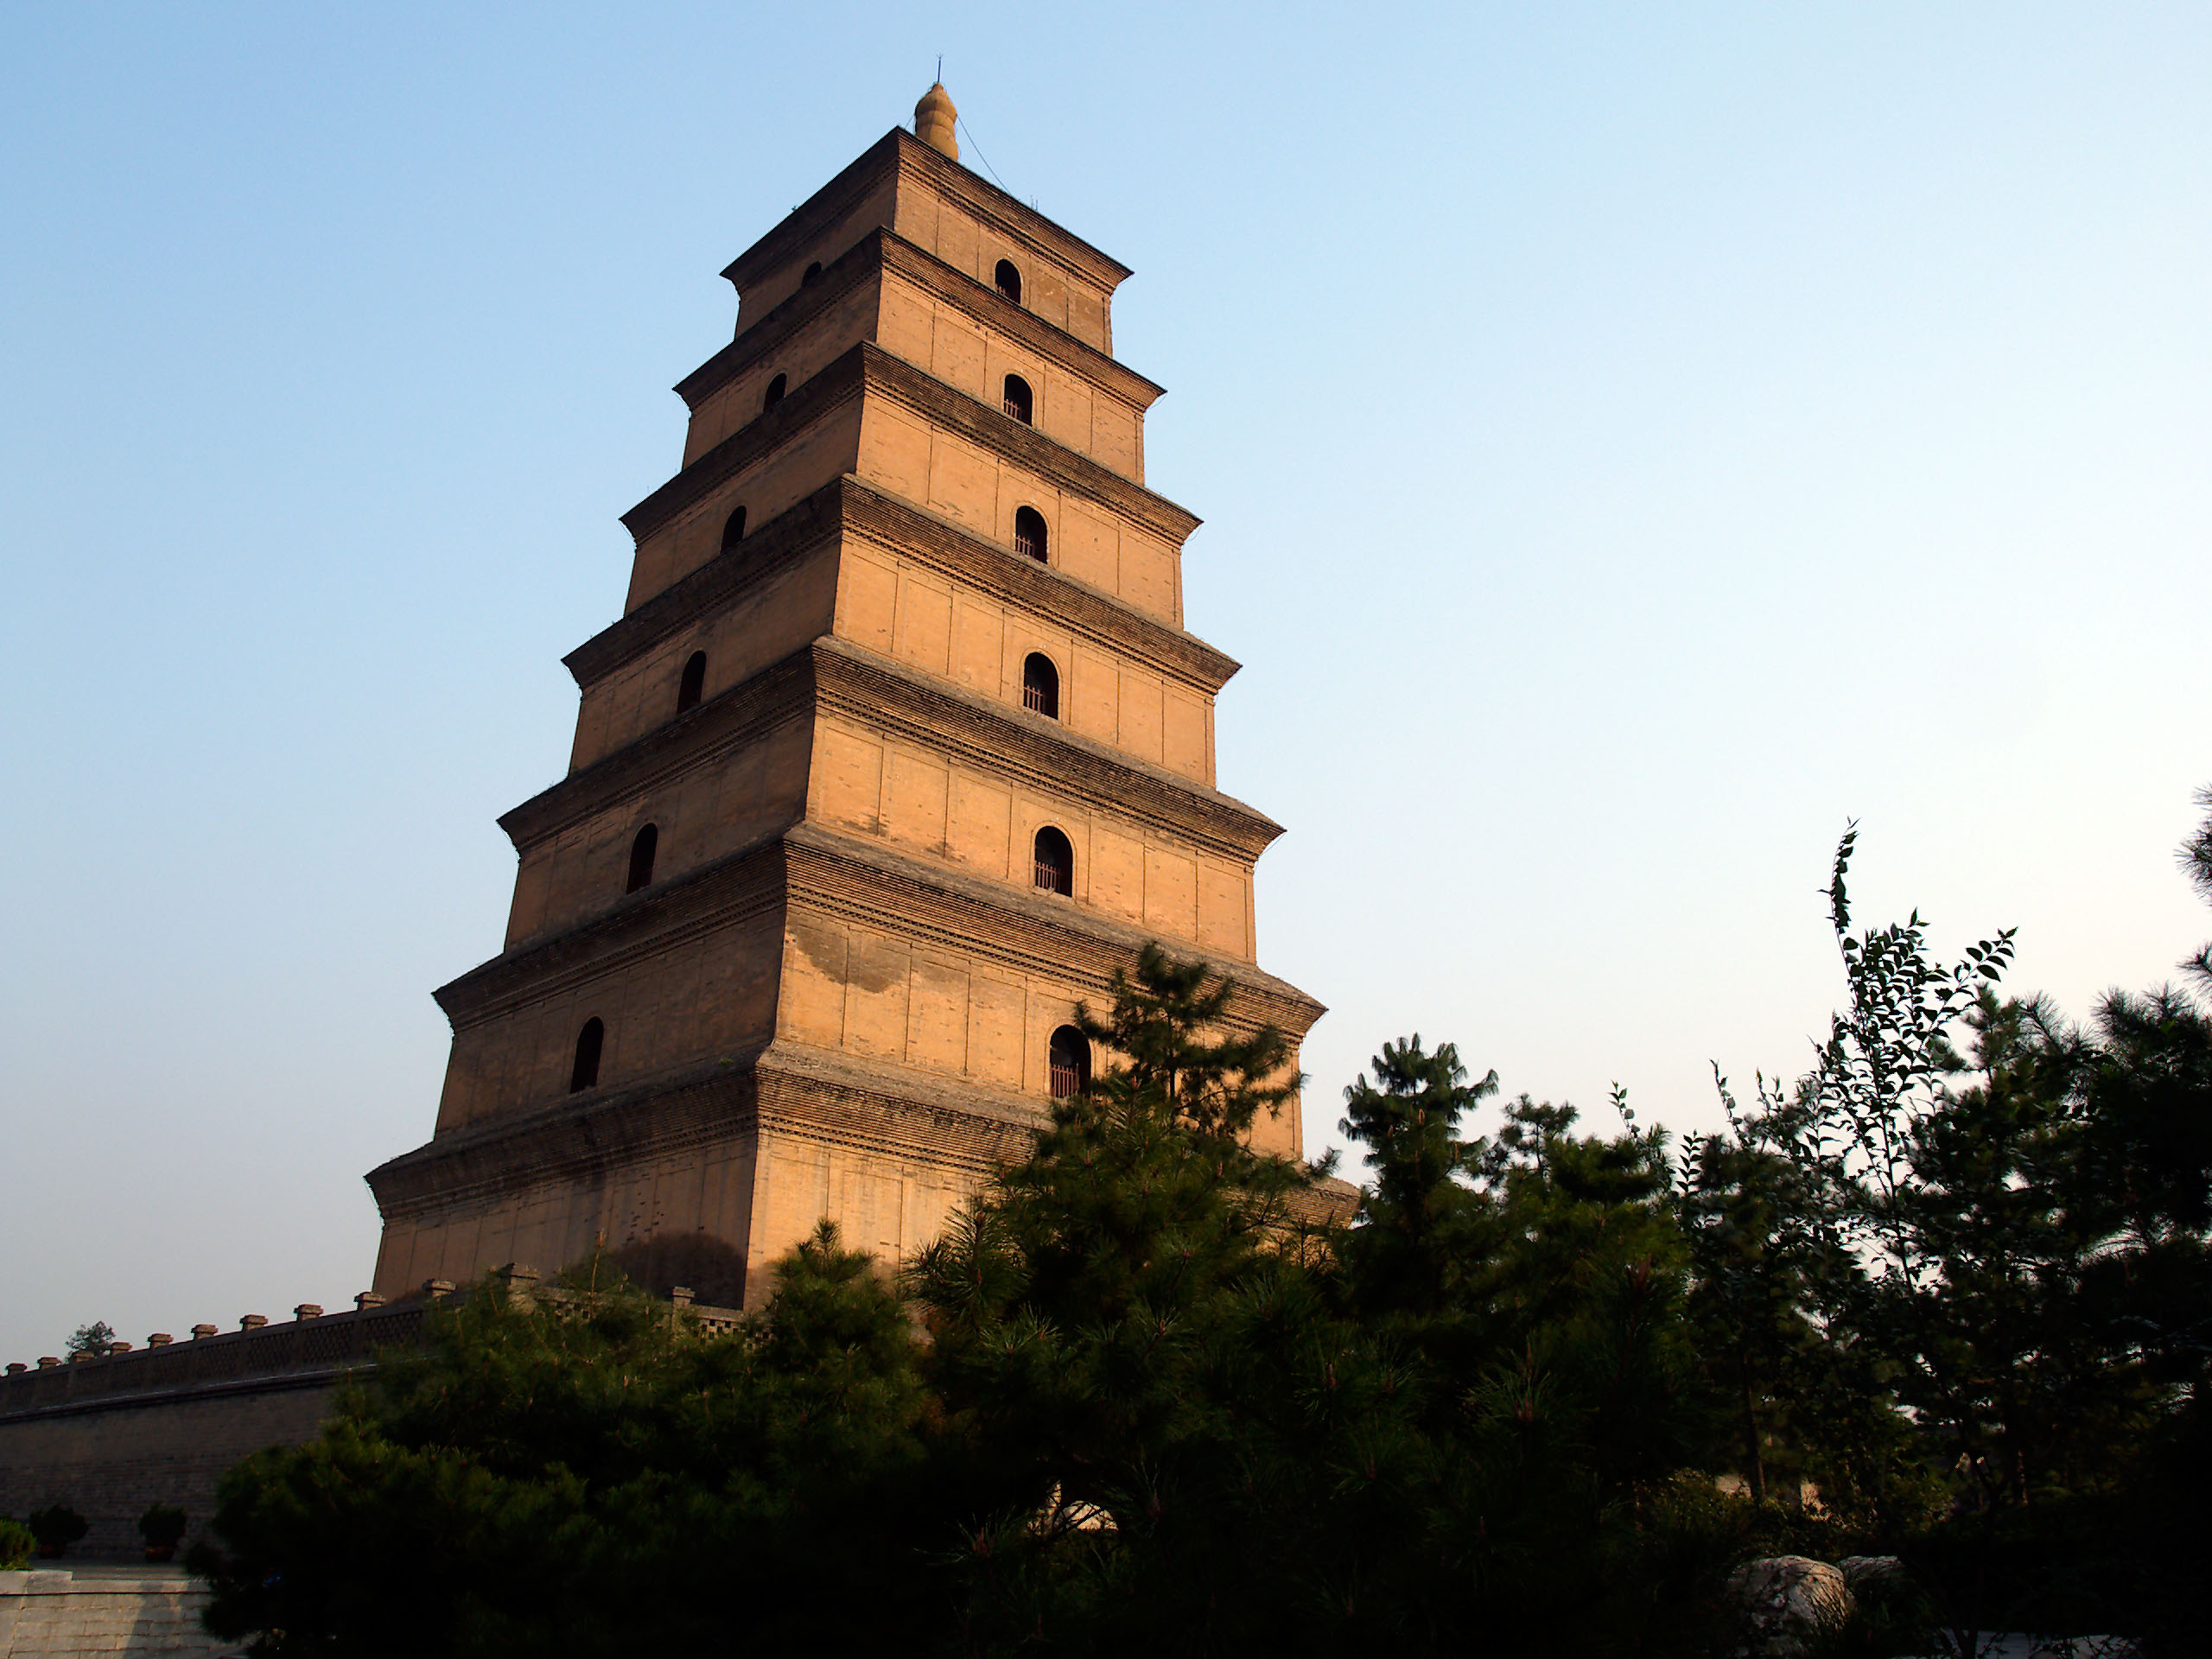 西安style_Getting Out the Good China: A Tour (Part 2)